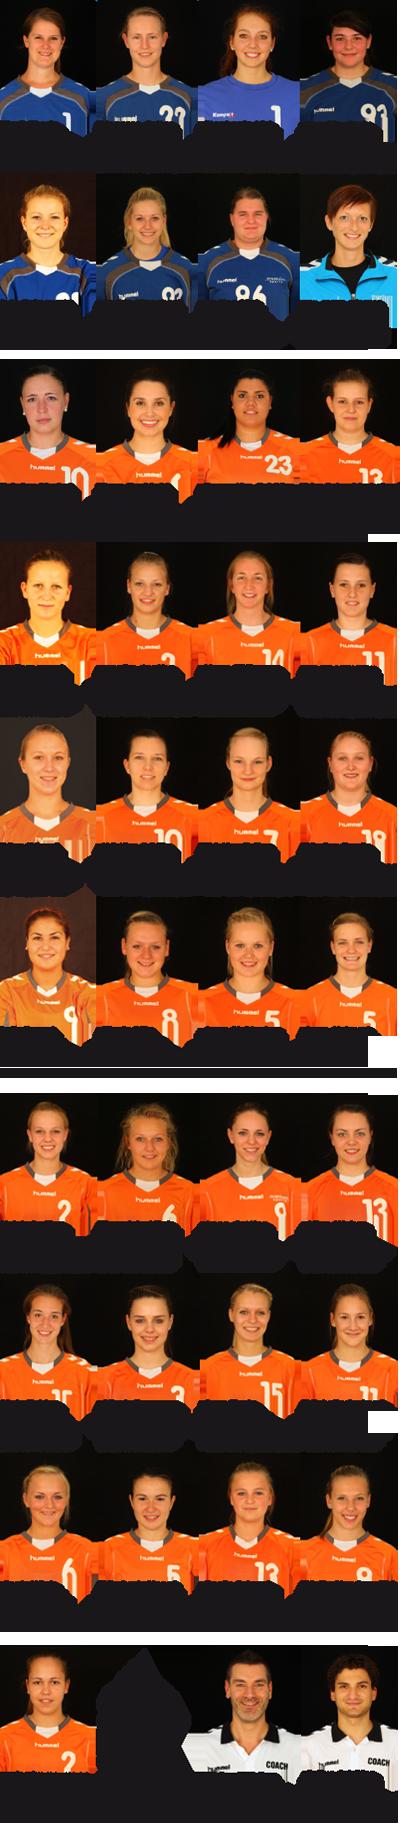 spielerinnen2013-2014